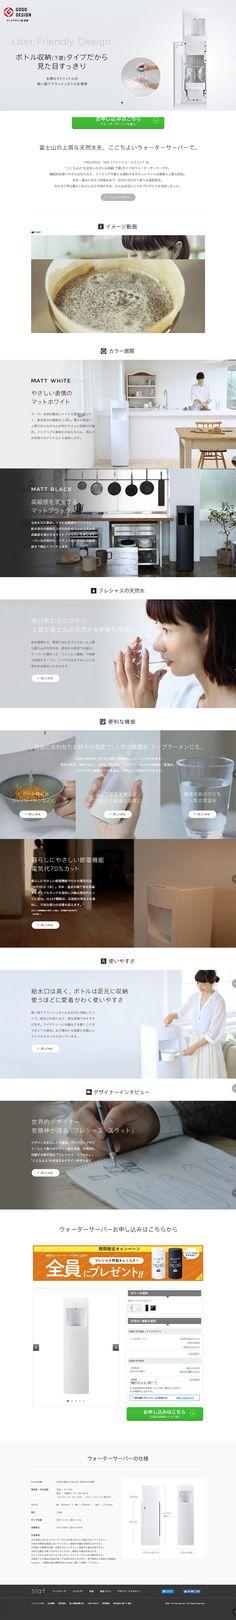 FRECIOUS slat【飲料・お酒関連】のLPデザイン。WEBデザイナーさん必見!ランディングページのデザイン参考に(シンプル系)